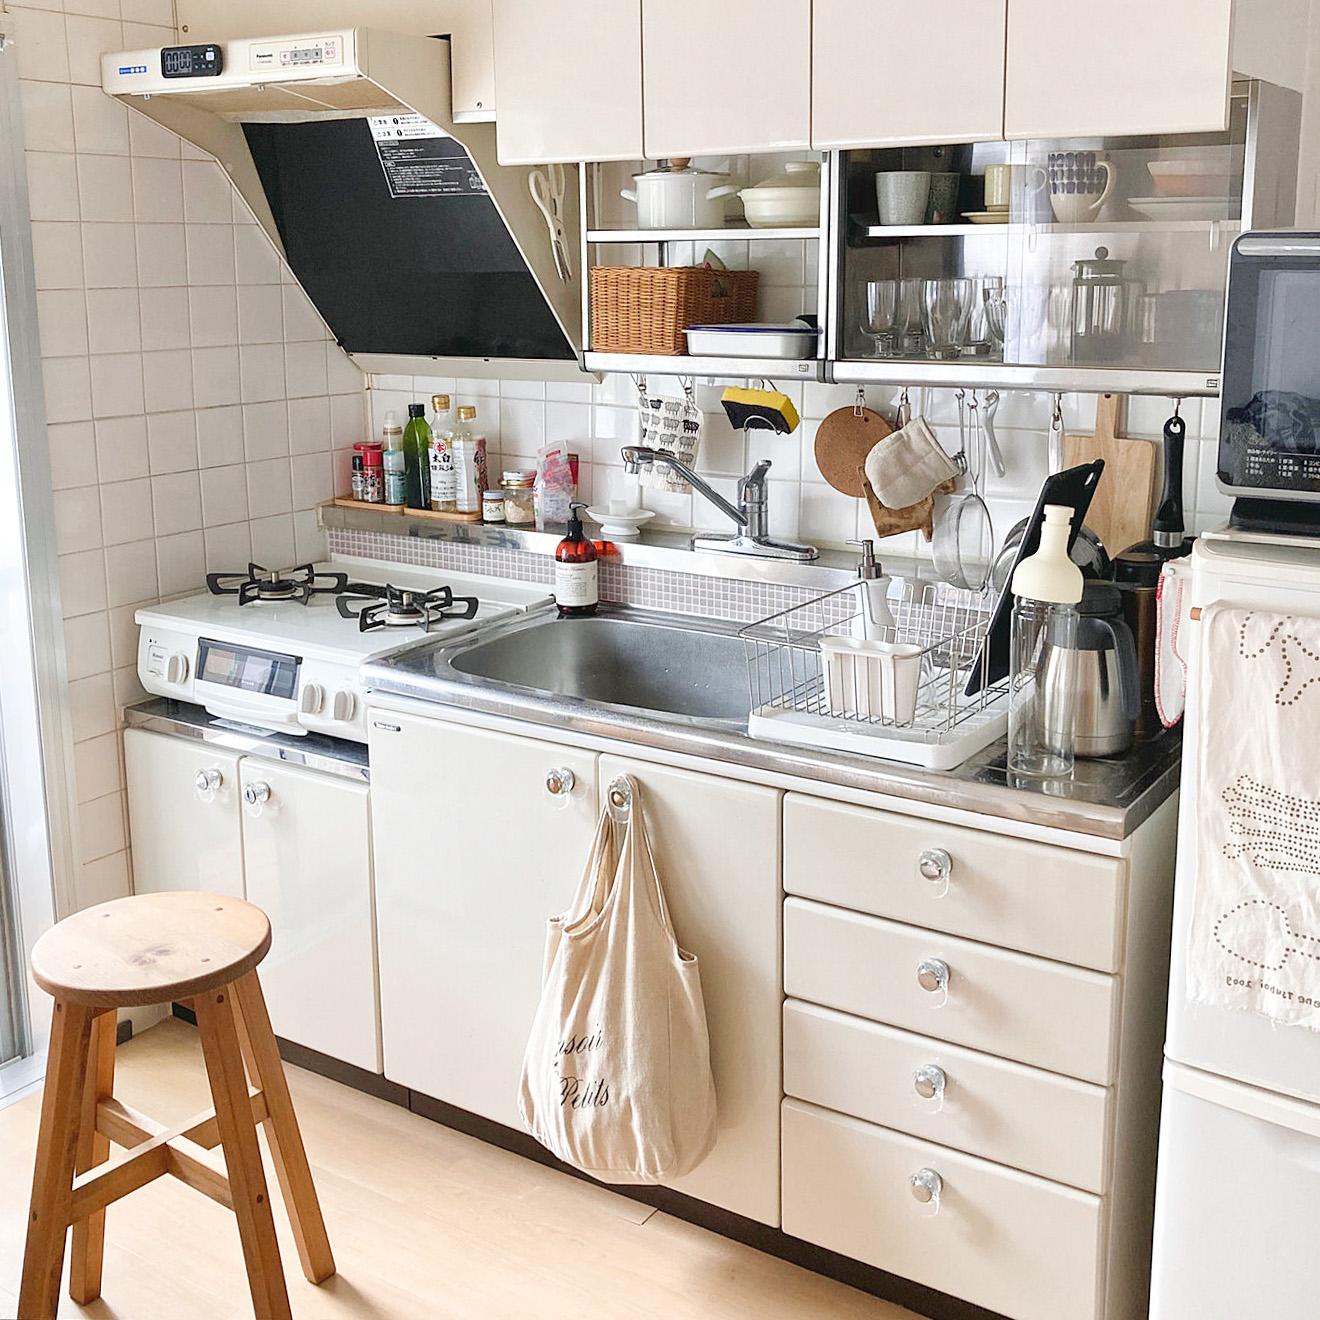 「いかにも団地のキッチン」というレトロ可愛さがとても気に入っていると maatona さん。